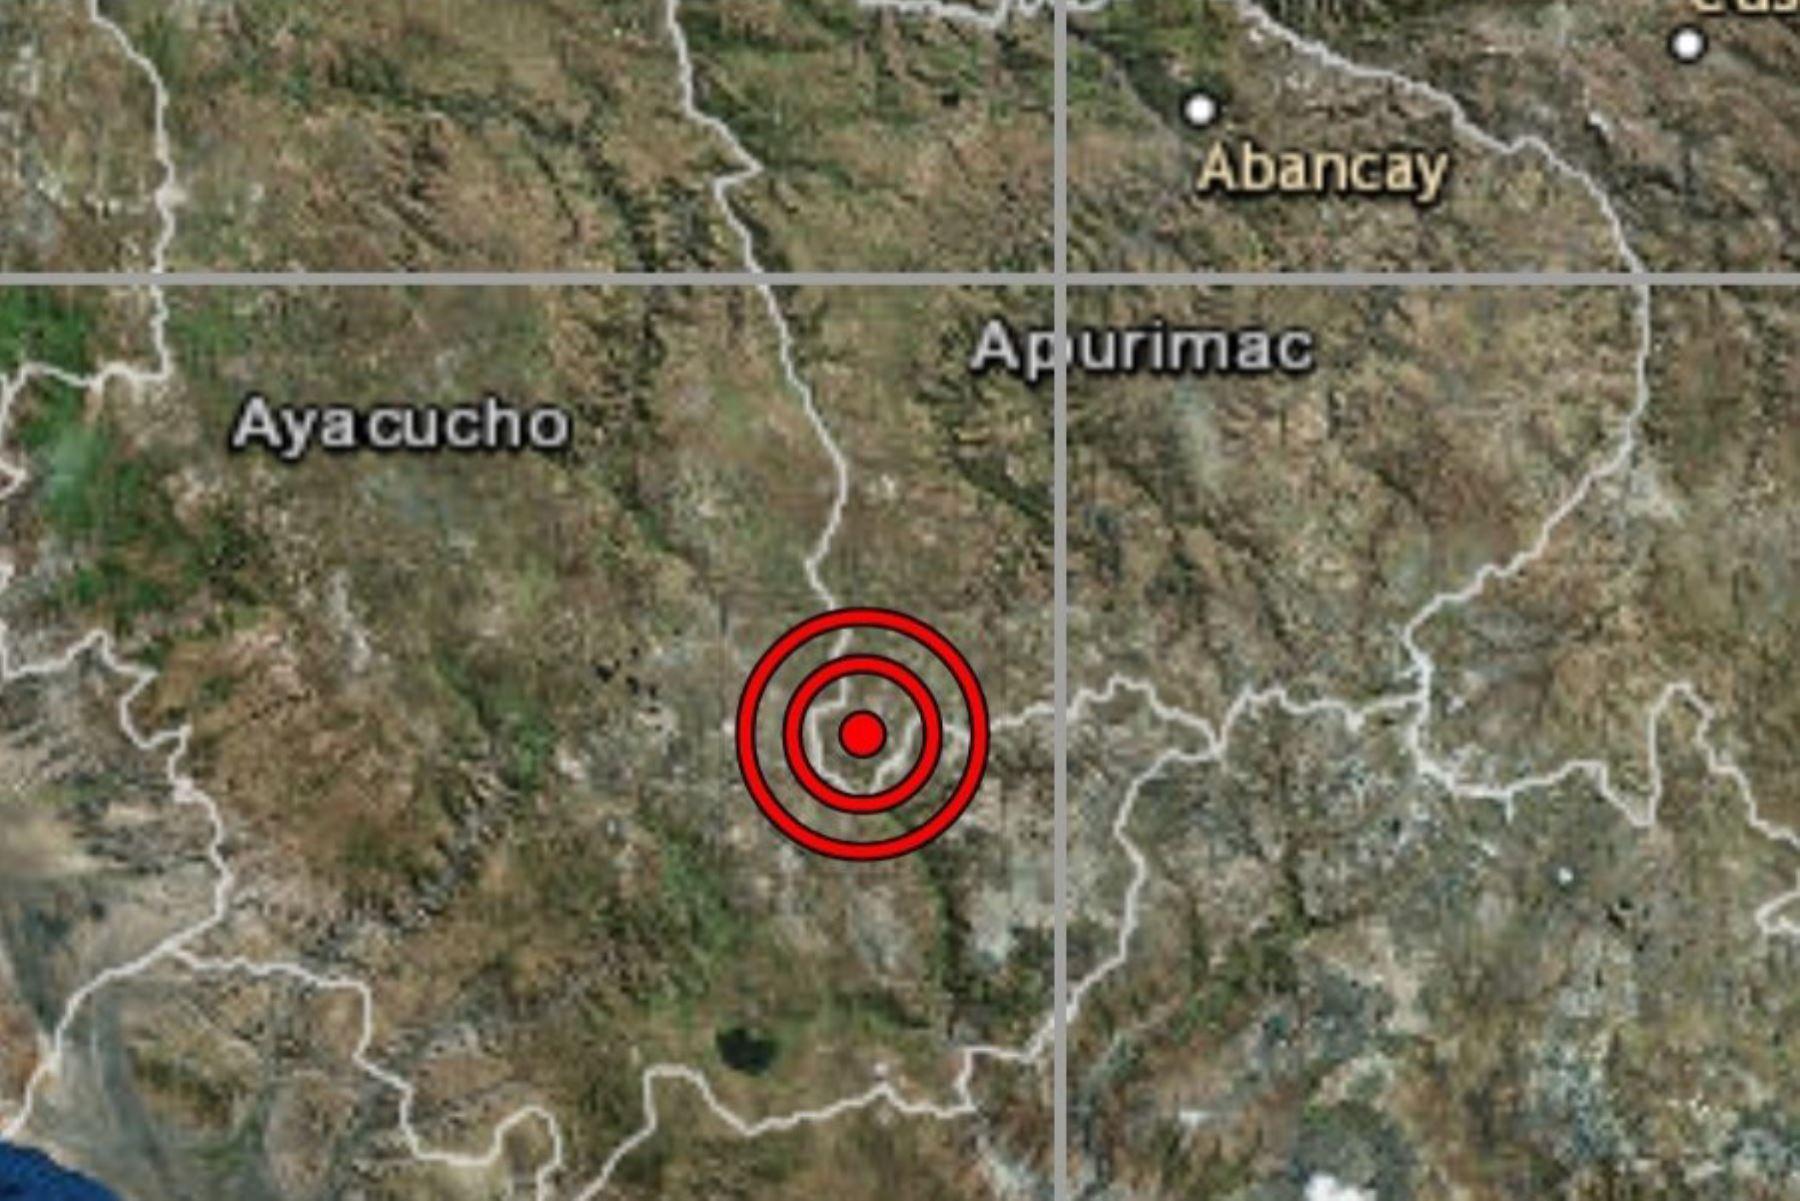 Ayacucho registra sismo de magnitud 3.6 sin provocar daños